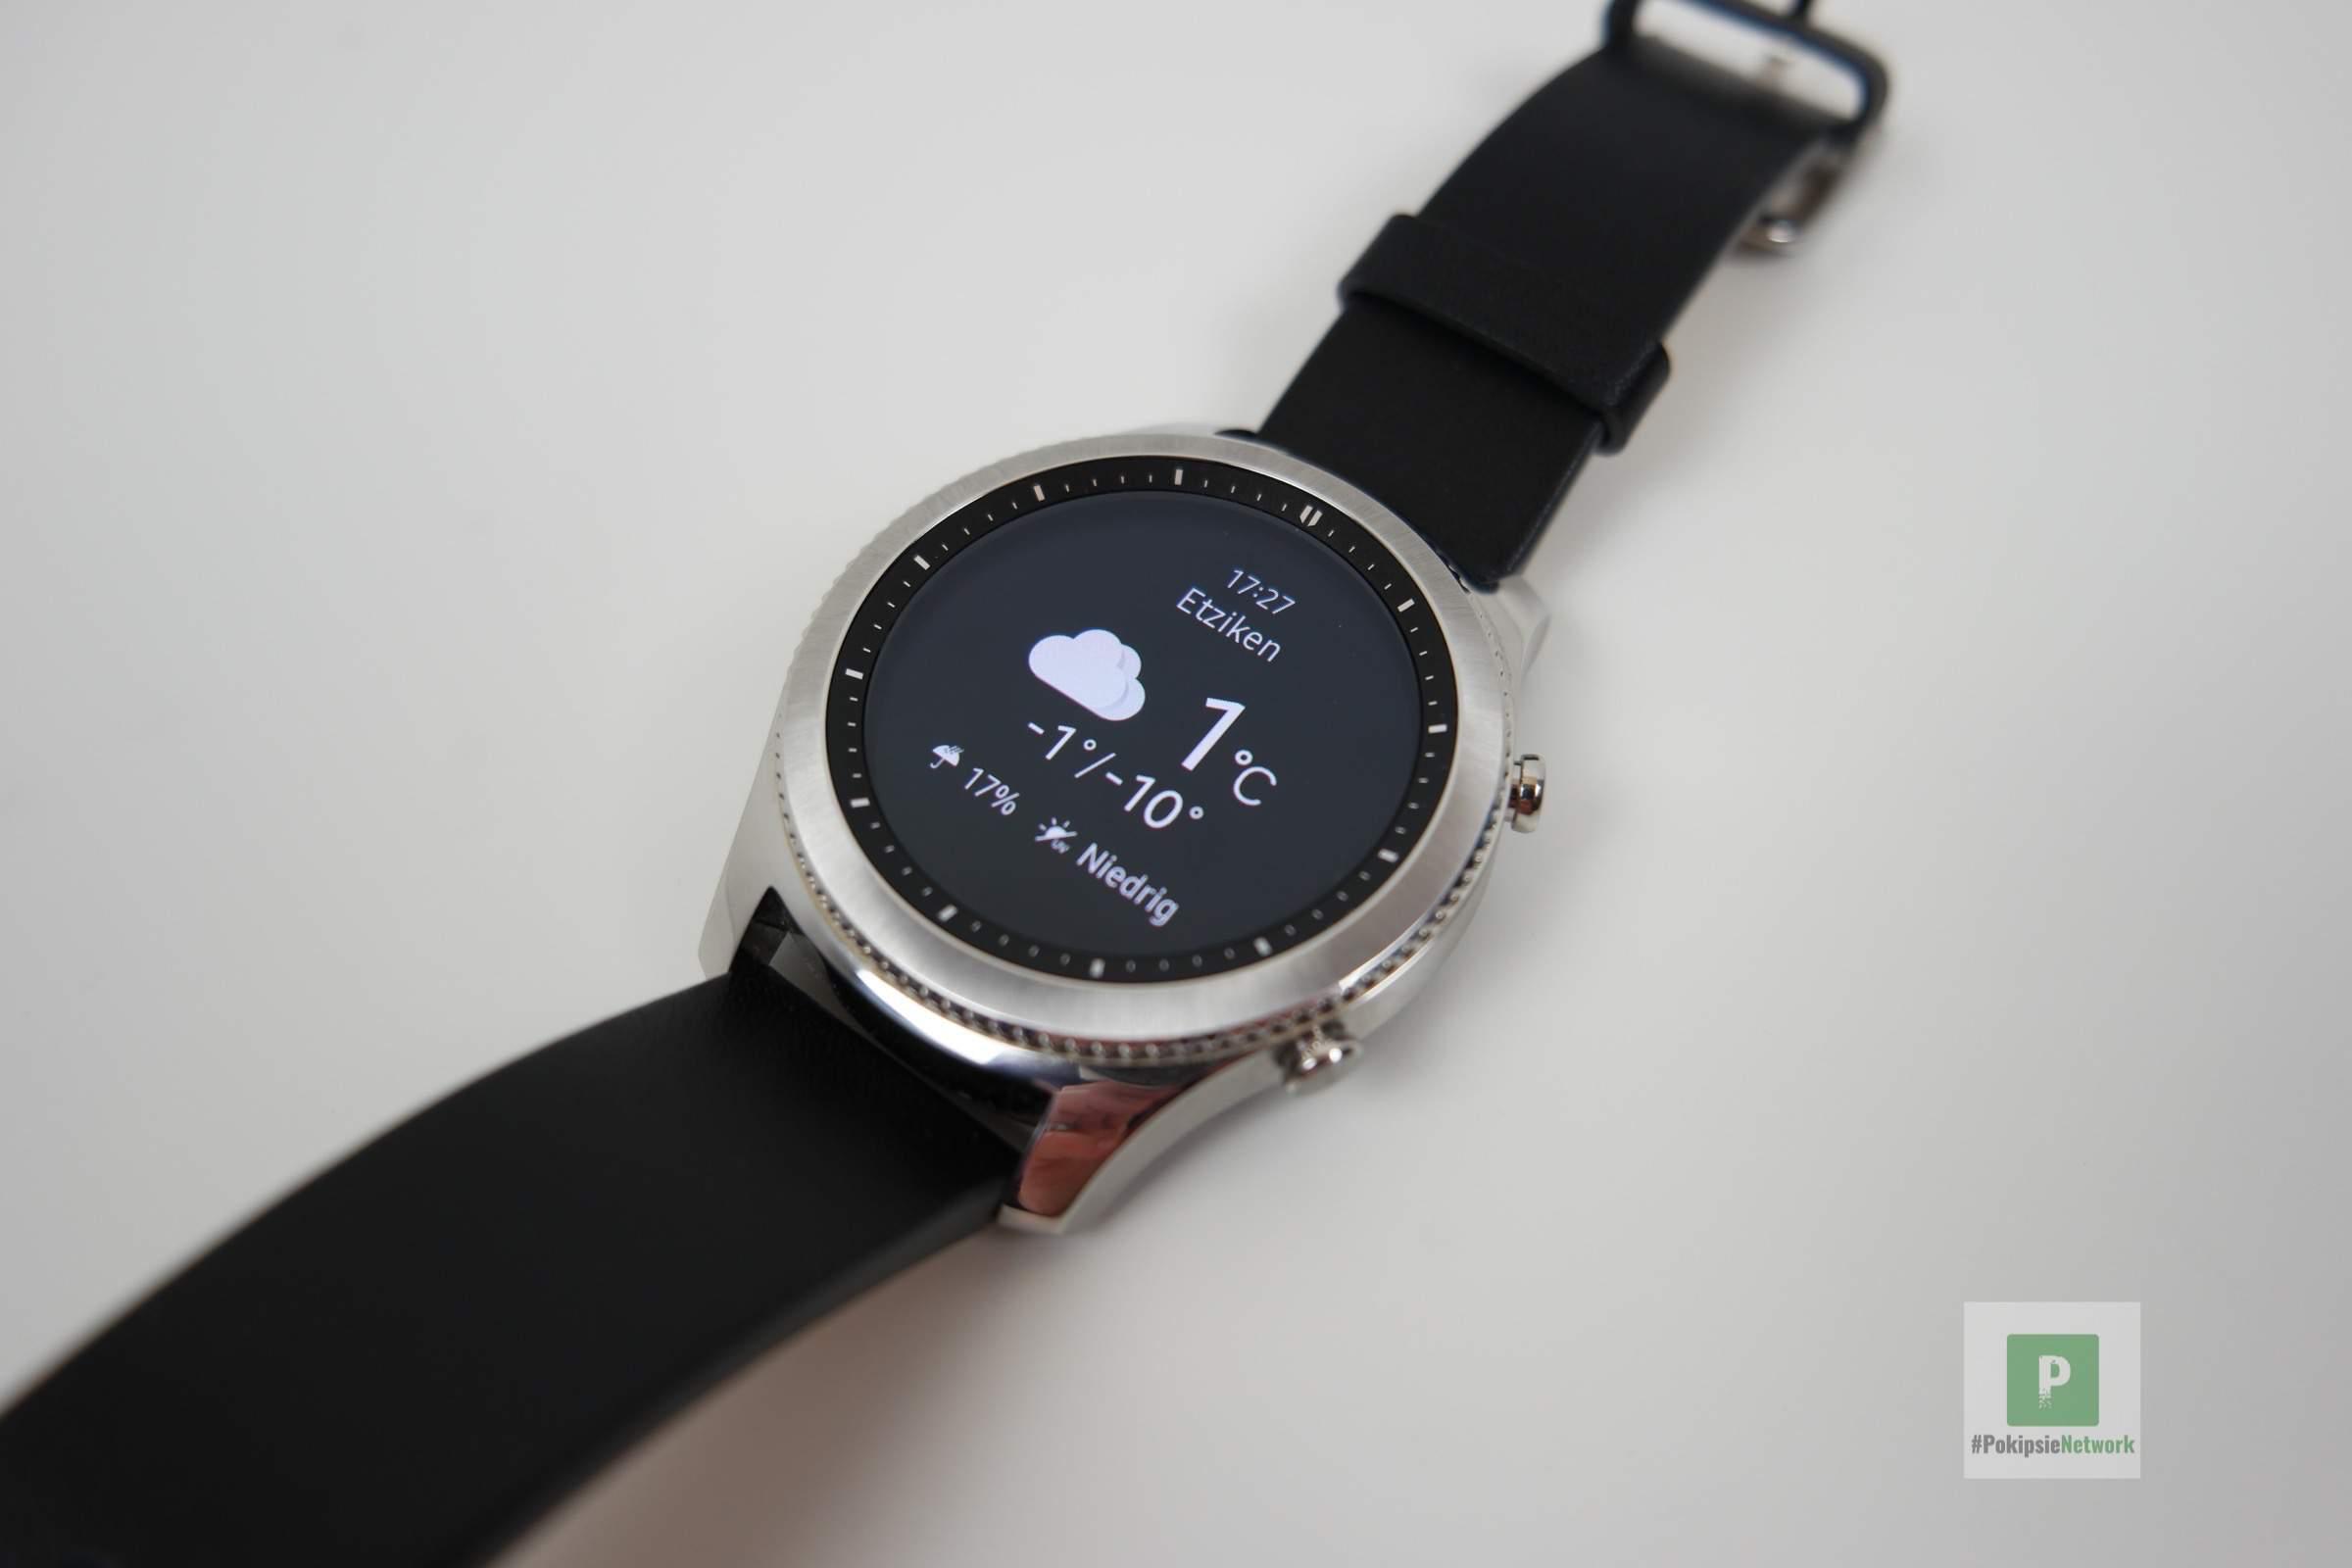 Samsung Gear S3 Classic Testbericht Pokipsies Digitale Welt Silver Die Wetteranzeige